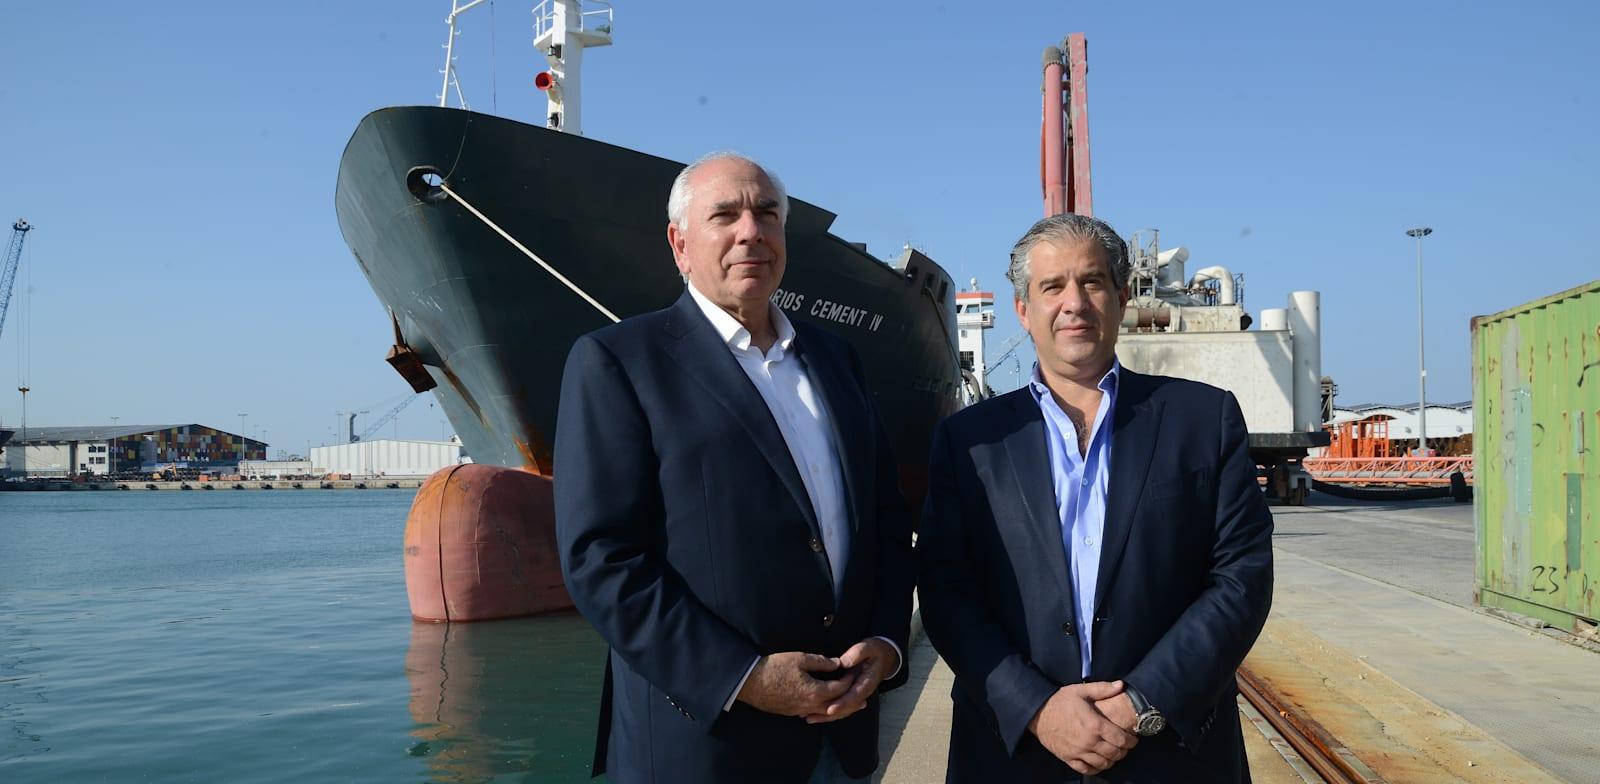 שלומי פוגל (מימין) ואסי שמלצר, מבעלי מספנות ישראל / צילום: איל יצהר